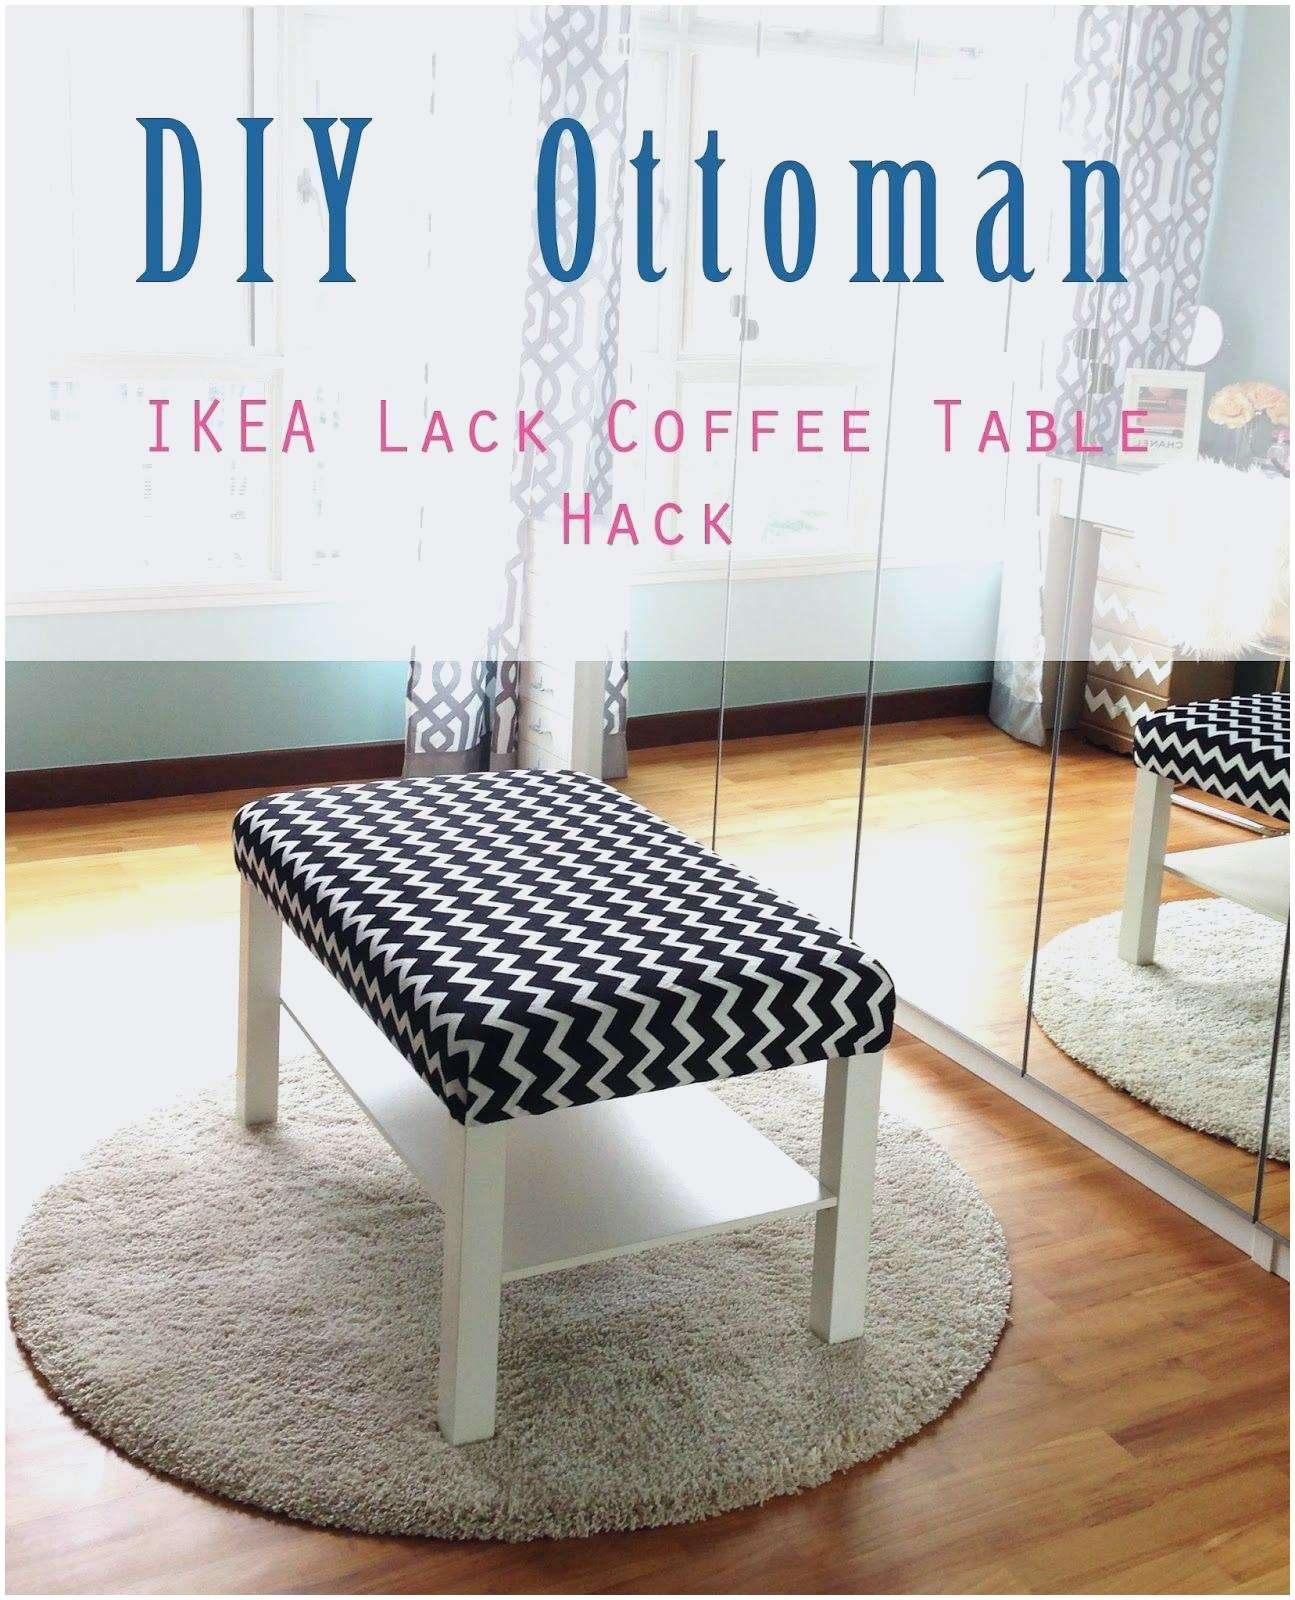 Lit En Bois Ikea Douce Le Meilleur De Banquette Ikea élégant Diy Upholstered Banquette Seat